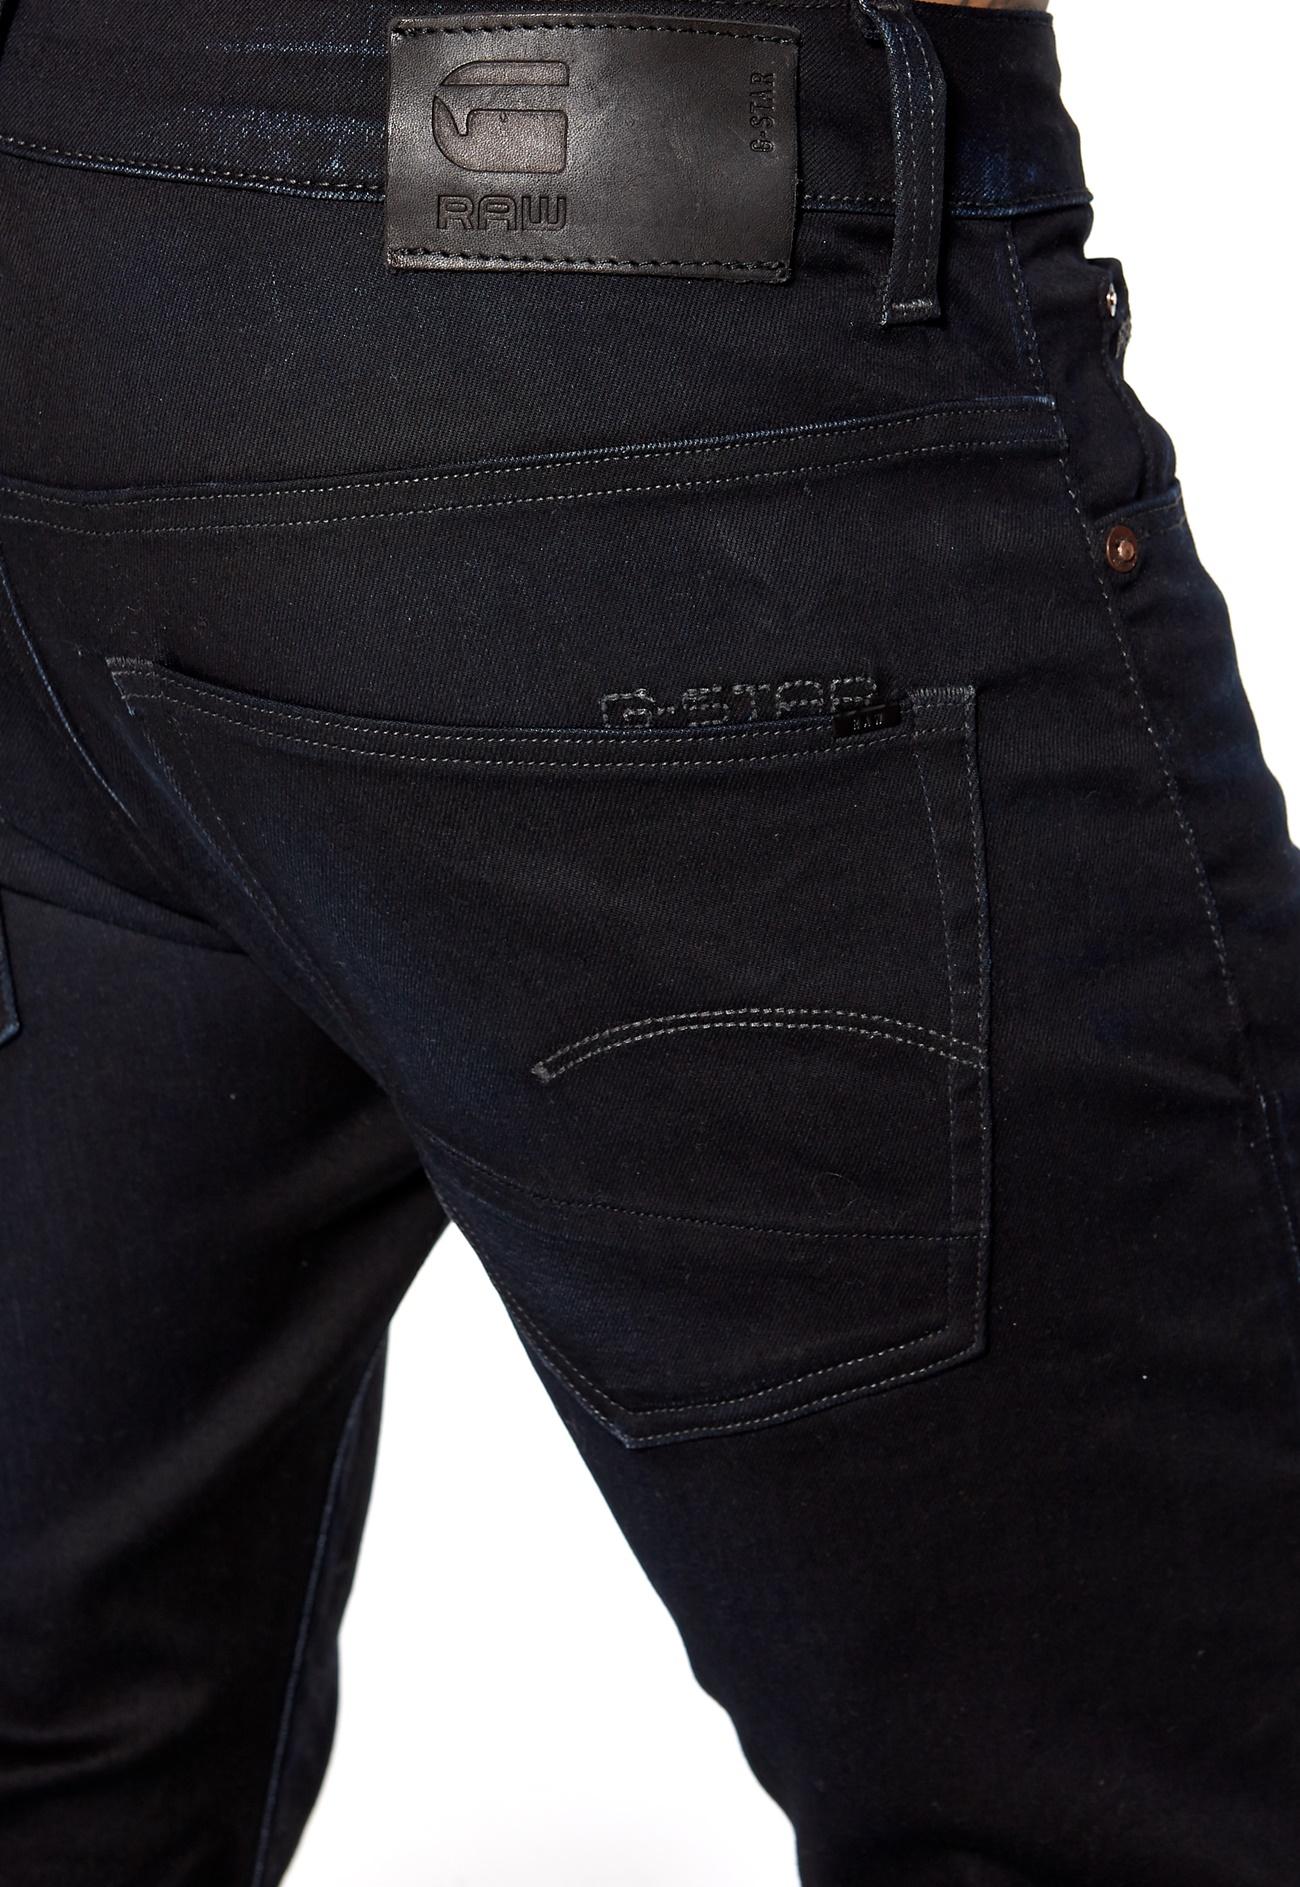 g star 3301 slim jeans 89 dk aged bubbleroom. Black Bedroom Furniture Sets. Home Design Ideas